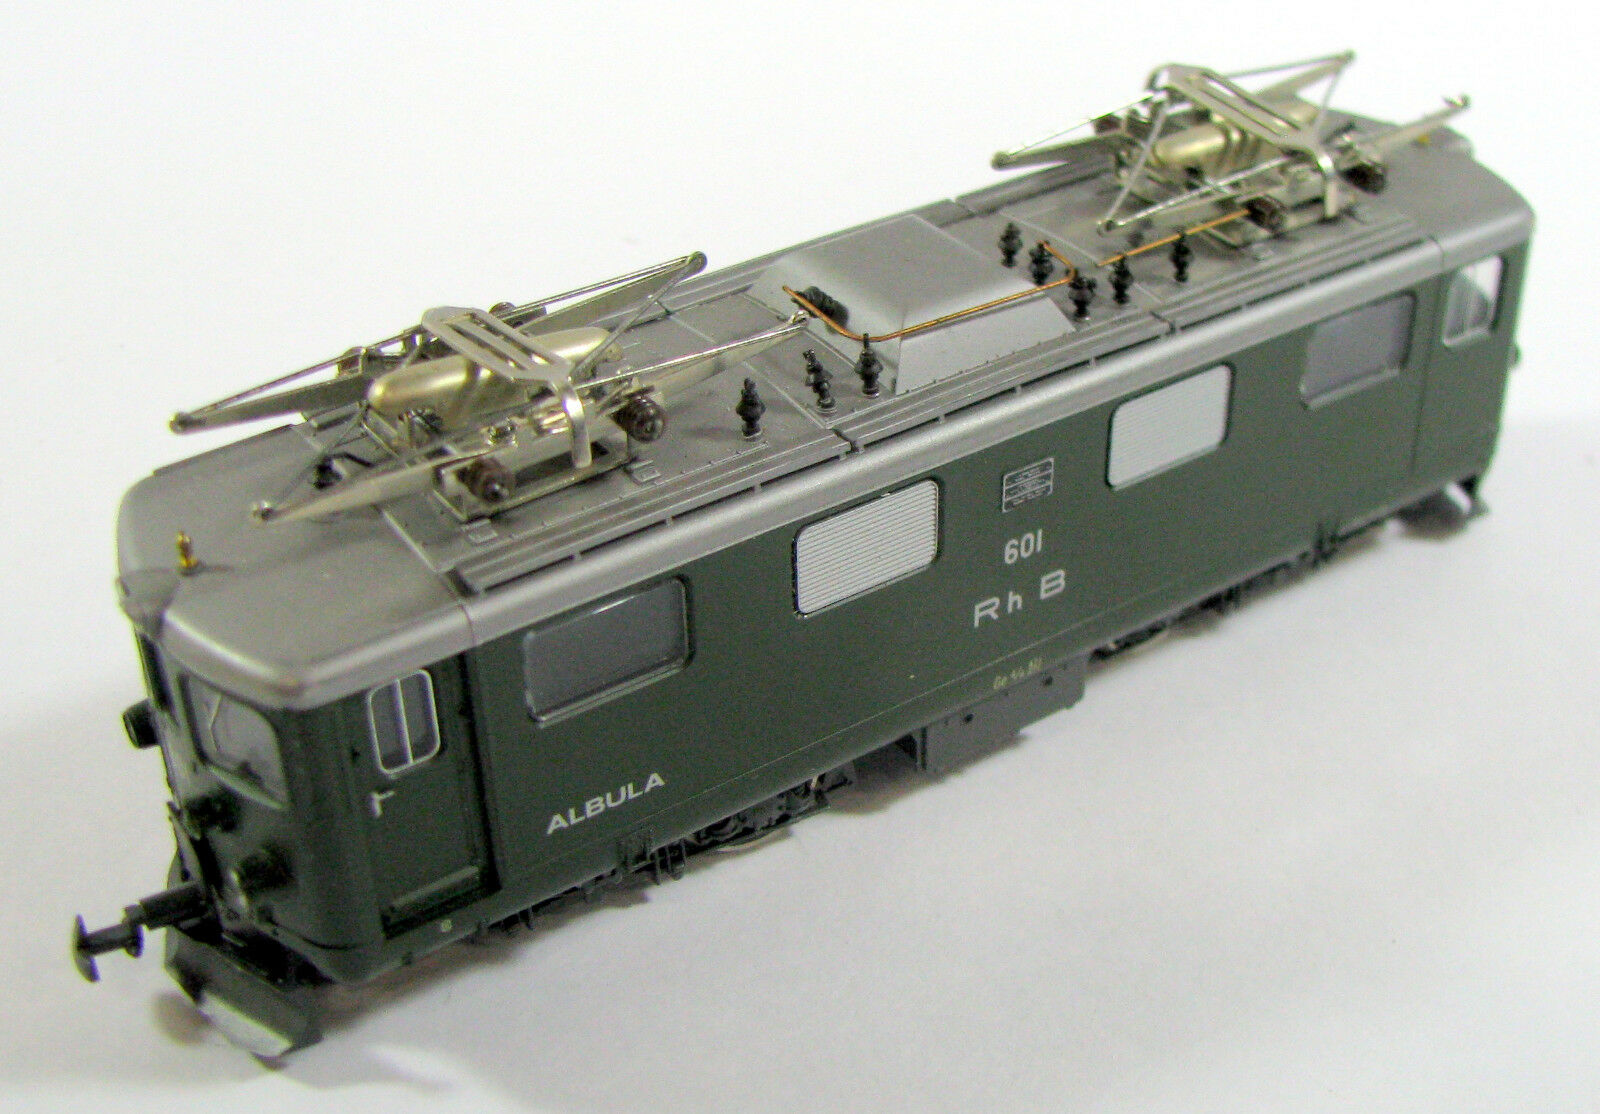 BEMO 1250 E-Lok GE 4 4 Albula RHB carreggiata stretta h0m senza imballaggio originale